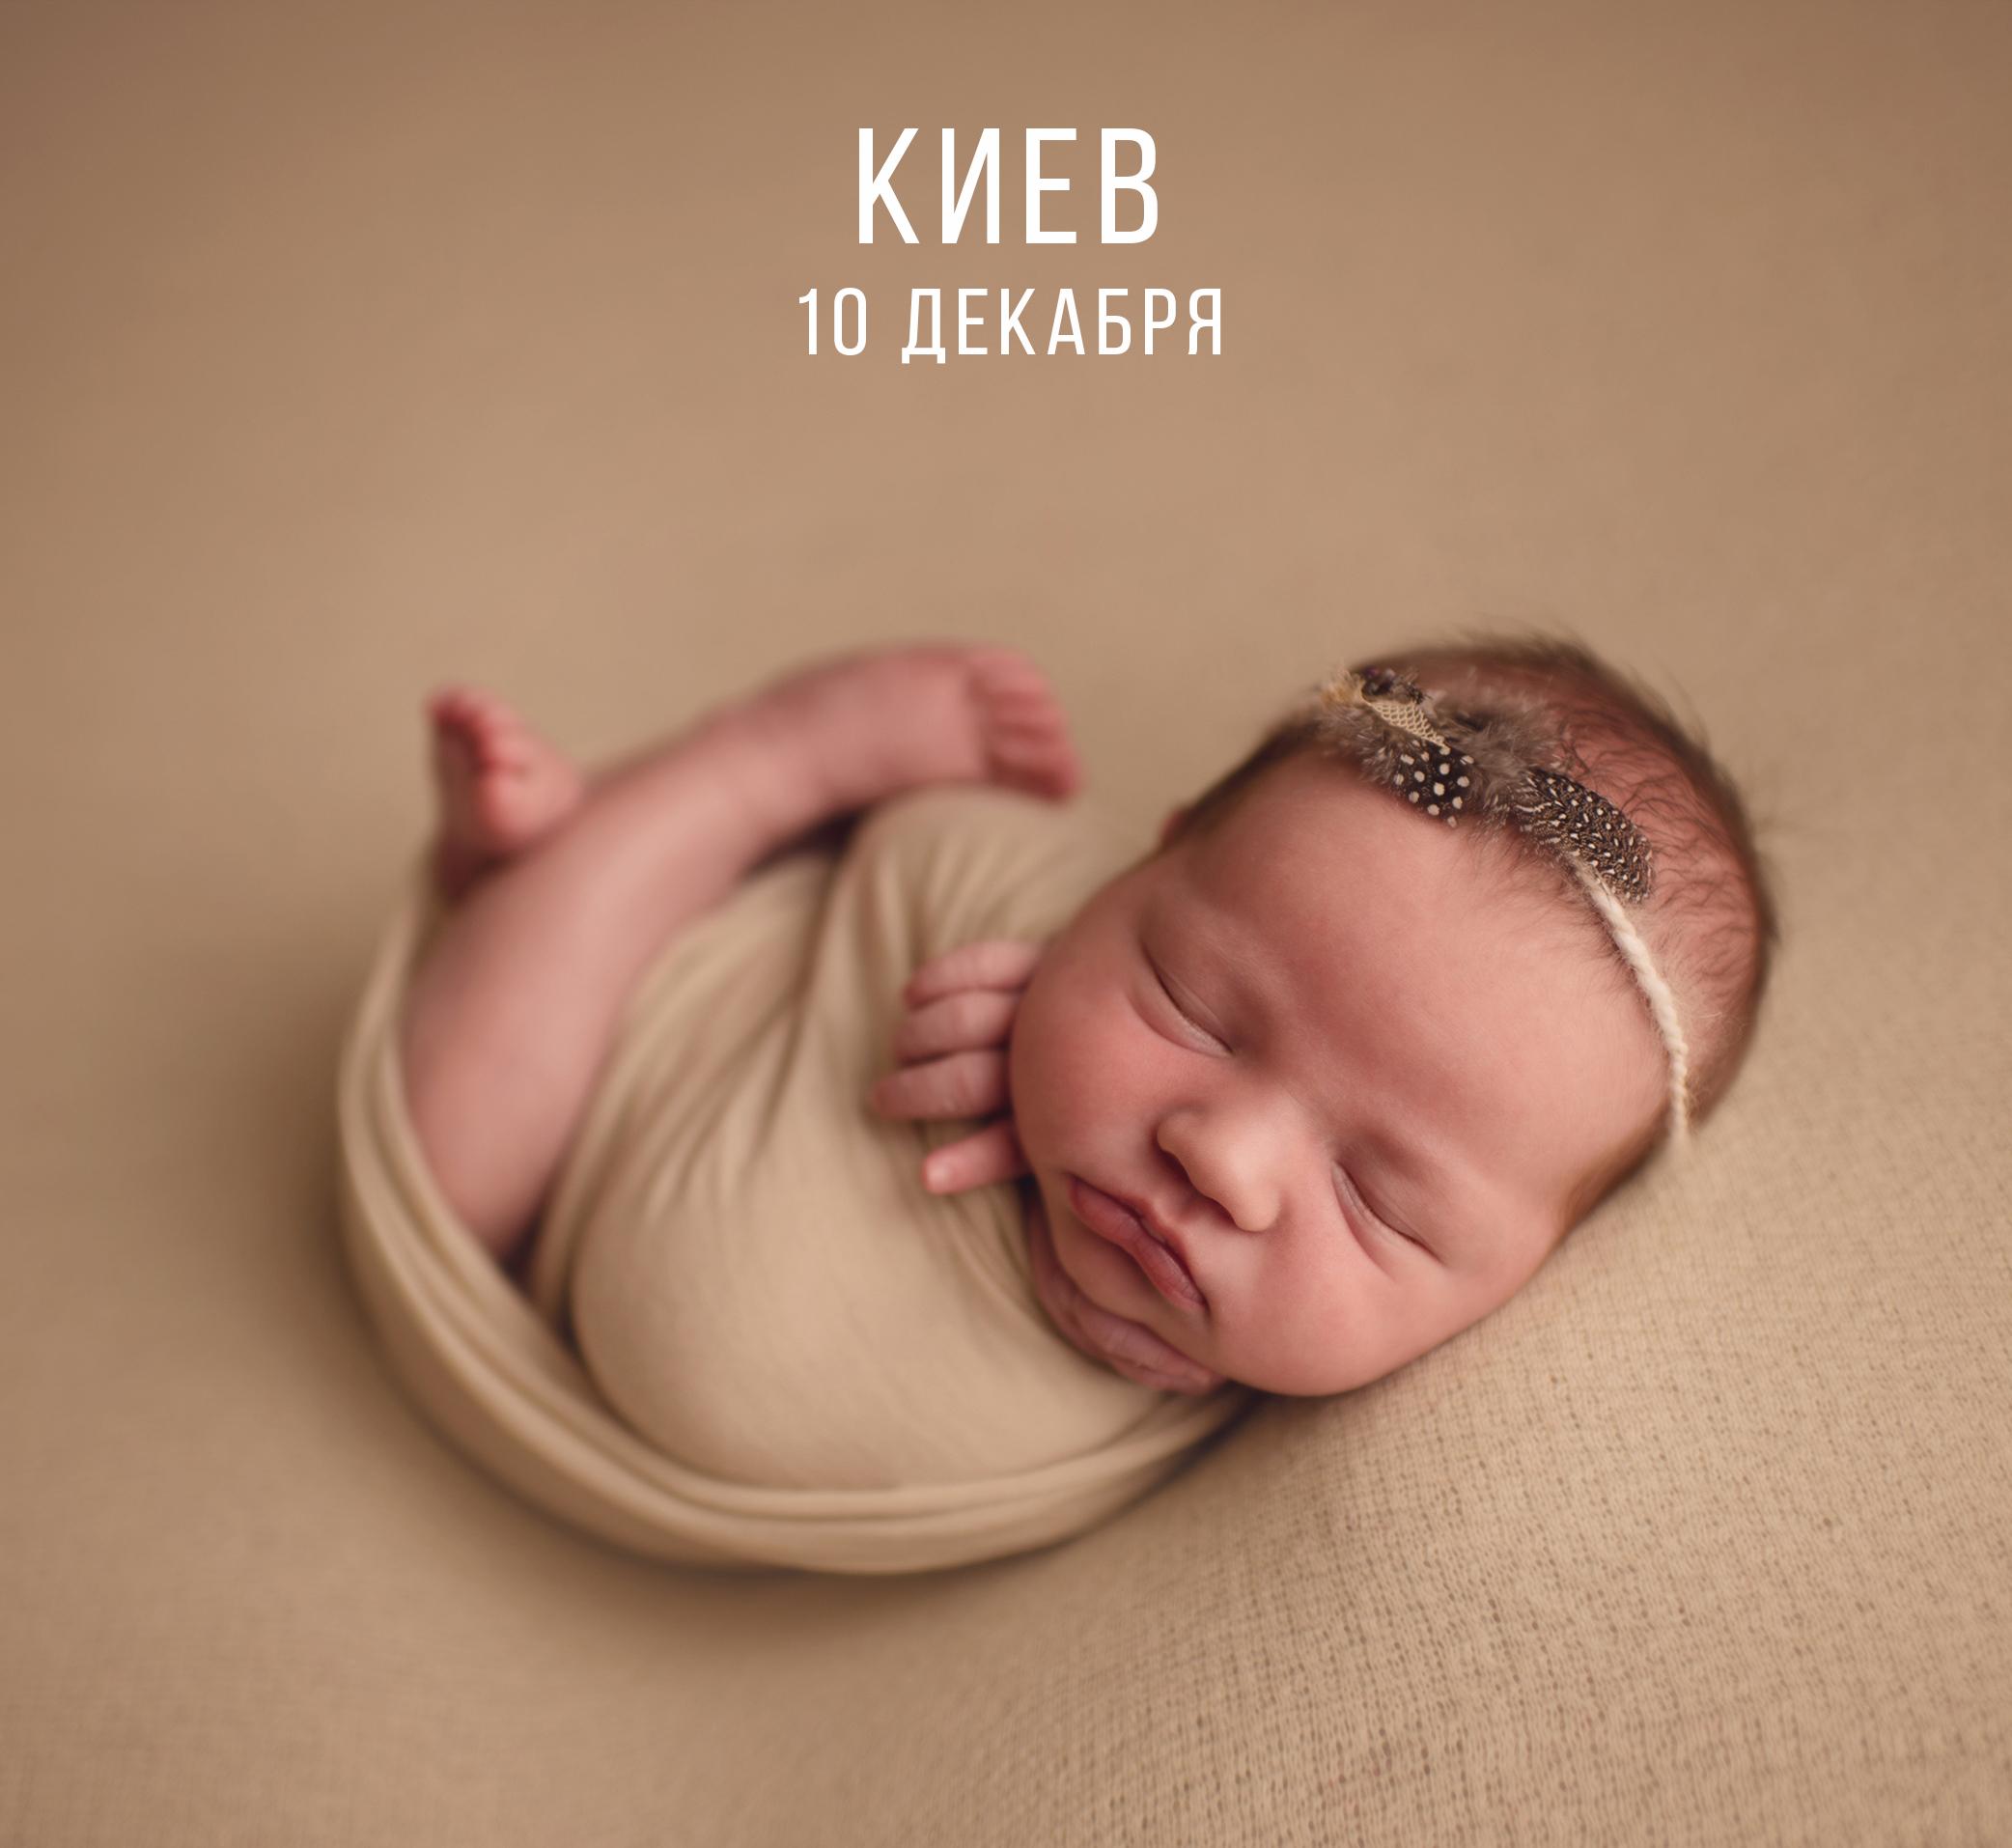 Мастер-класс по съемке новорожденных малышей Киев 10 декабря